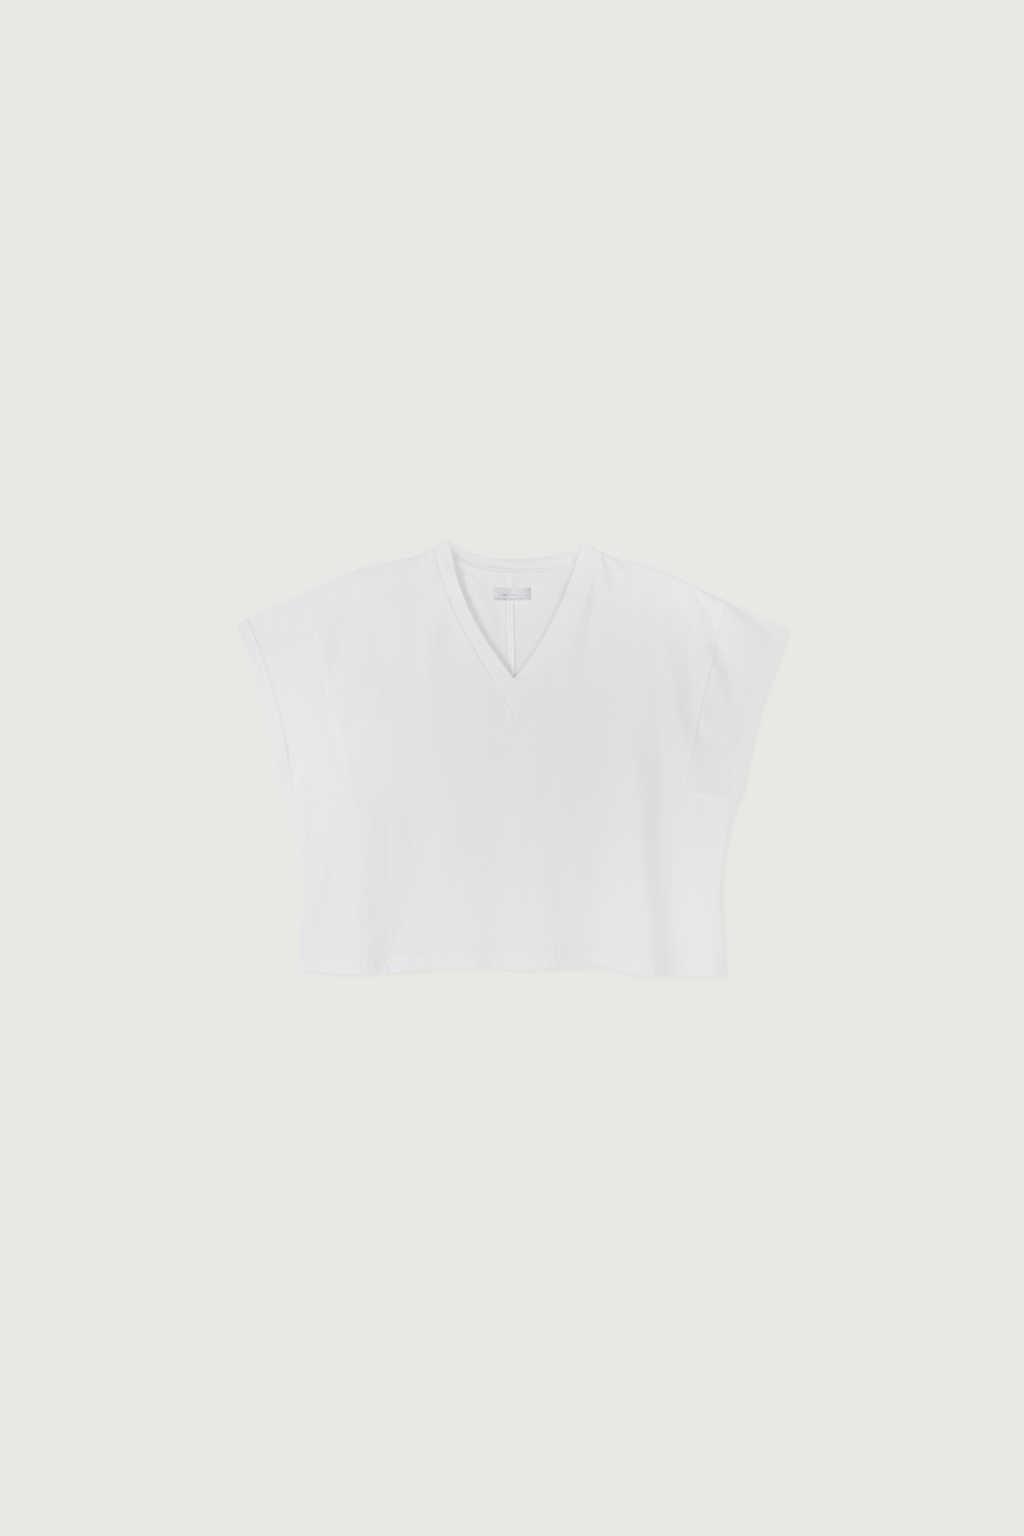 TShirt 3203 White 9